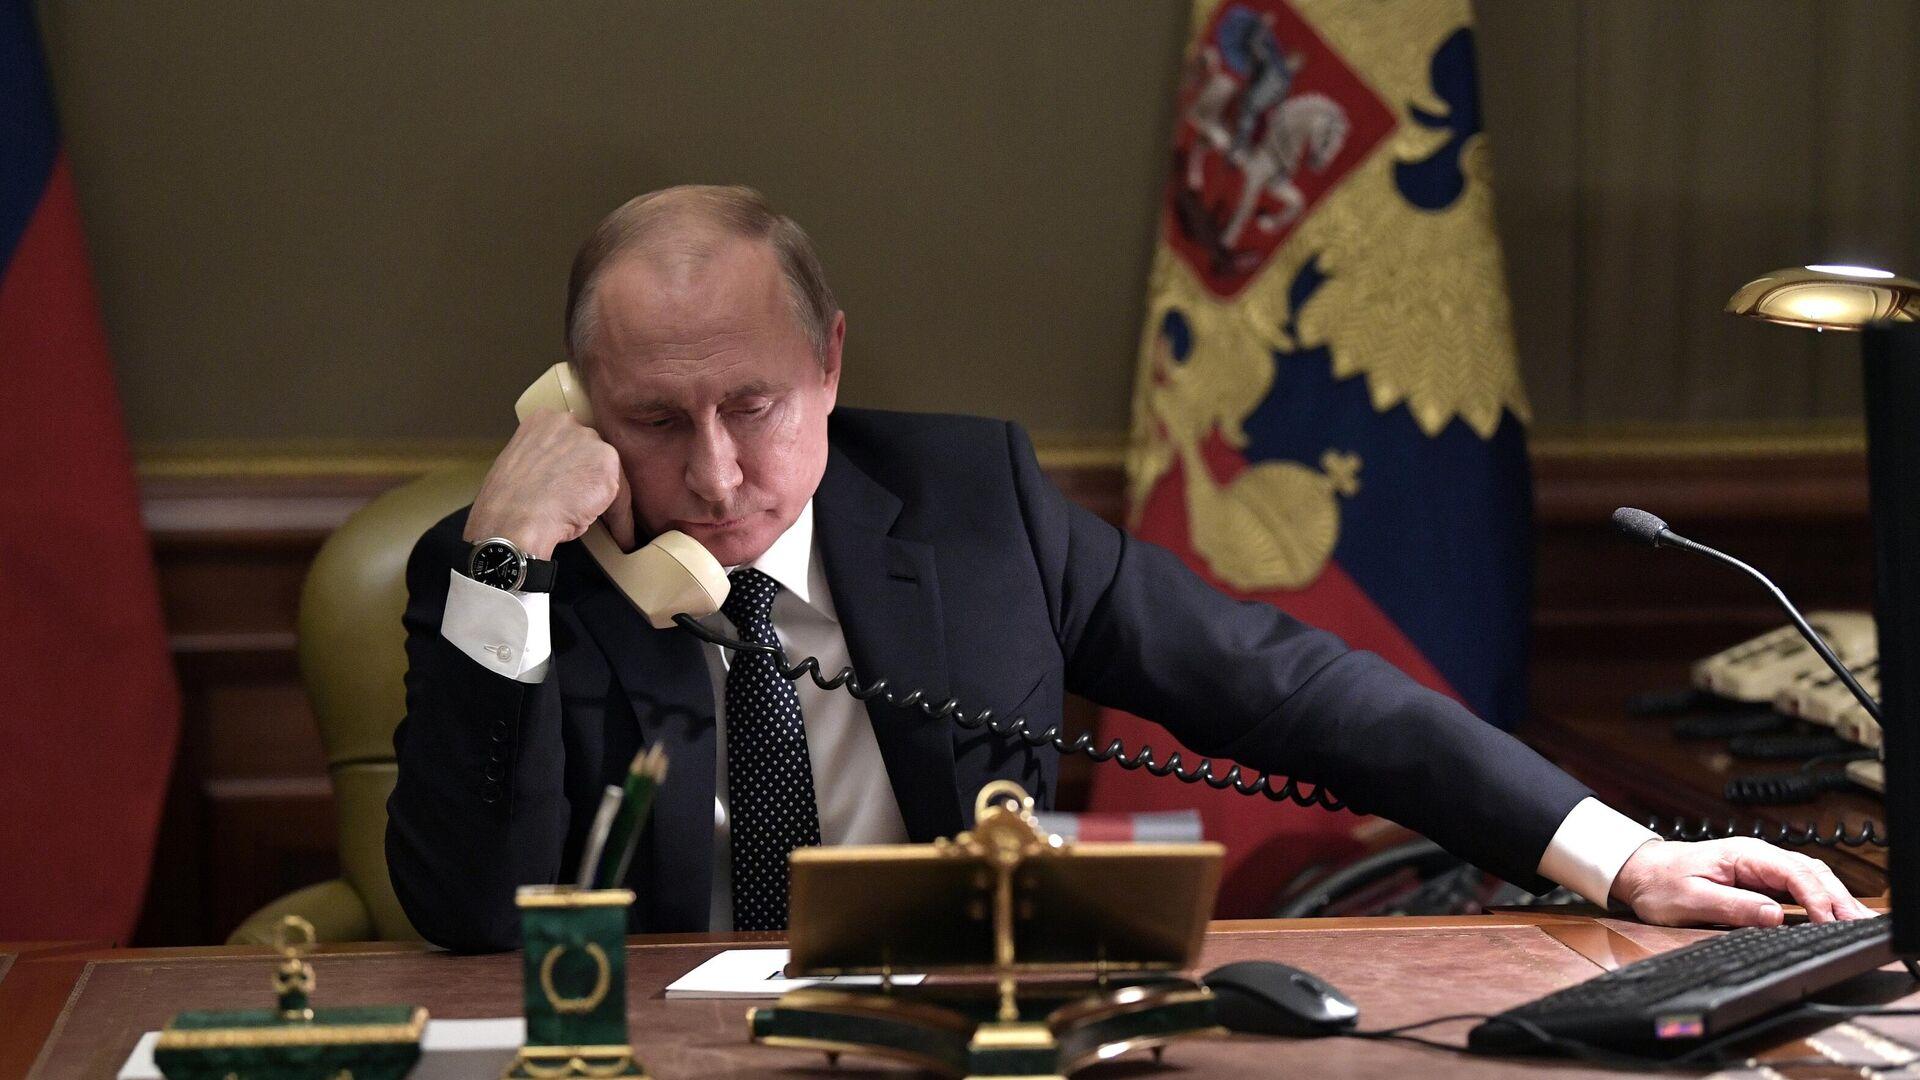 Президент РФ Владимир Путин во время телефонного разговор - РИА Новости, 1920, 27.01.2021